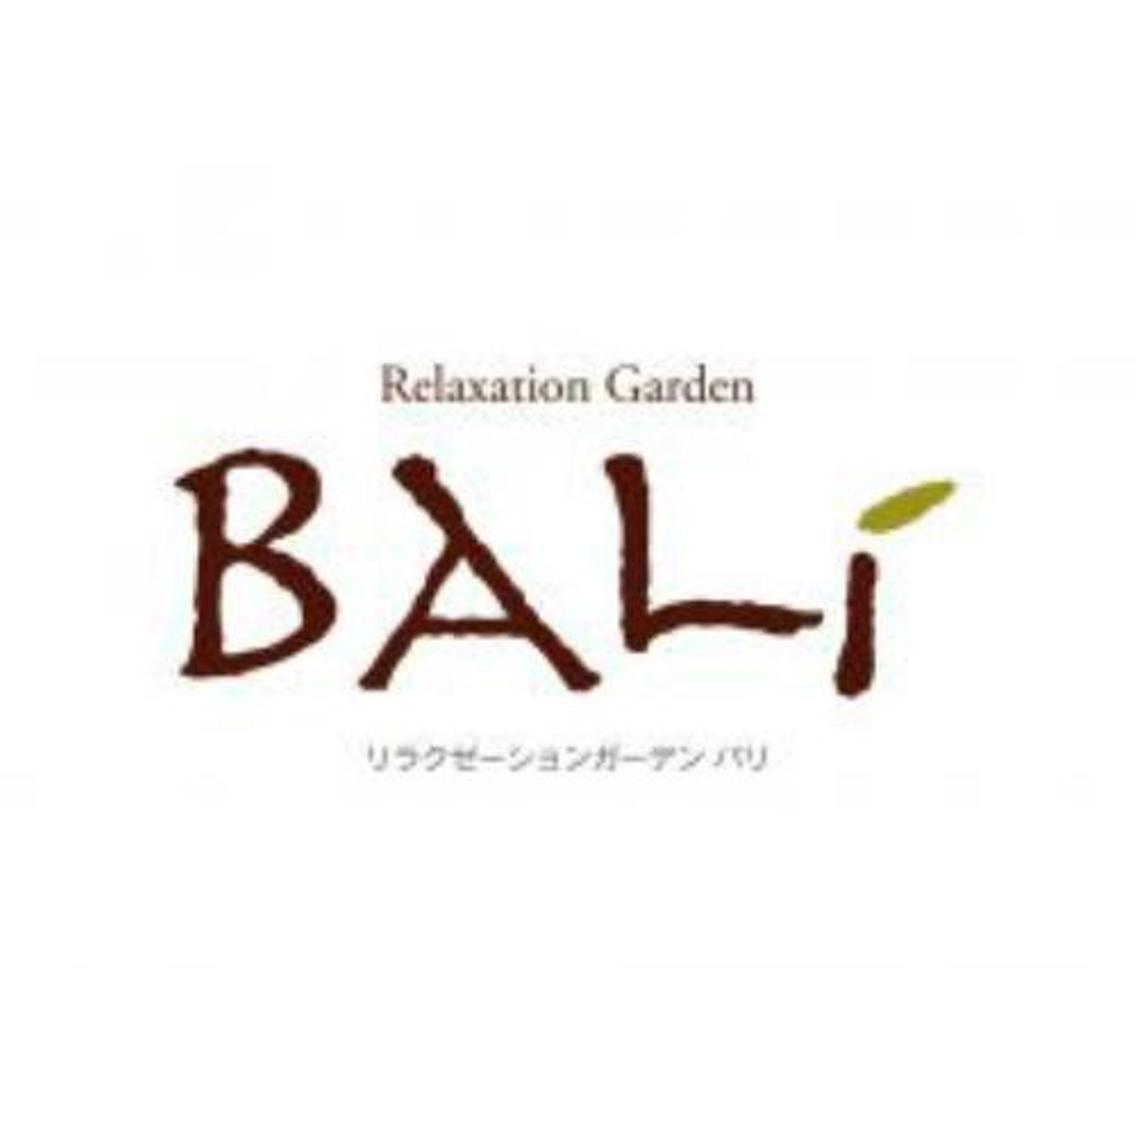 リラクゼーションガーデン BALI 前橋店所属・スタッフ1 の掲載